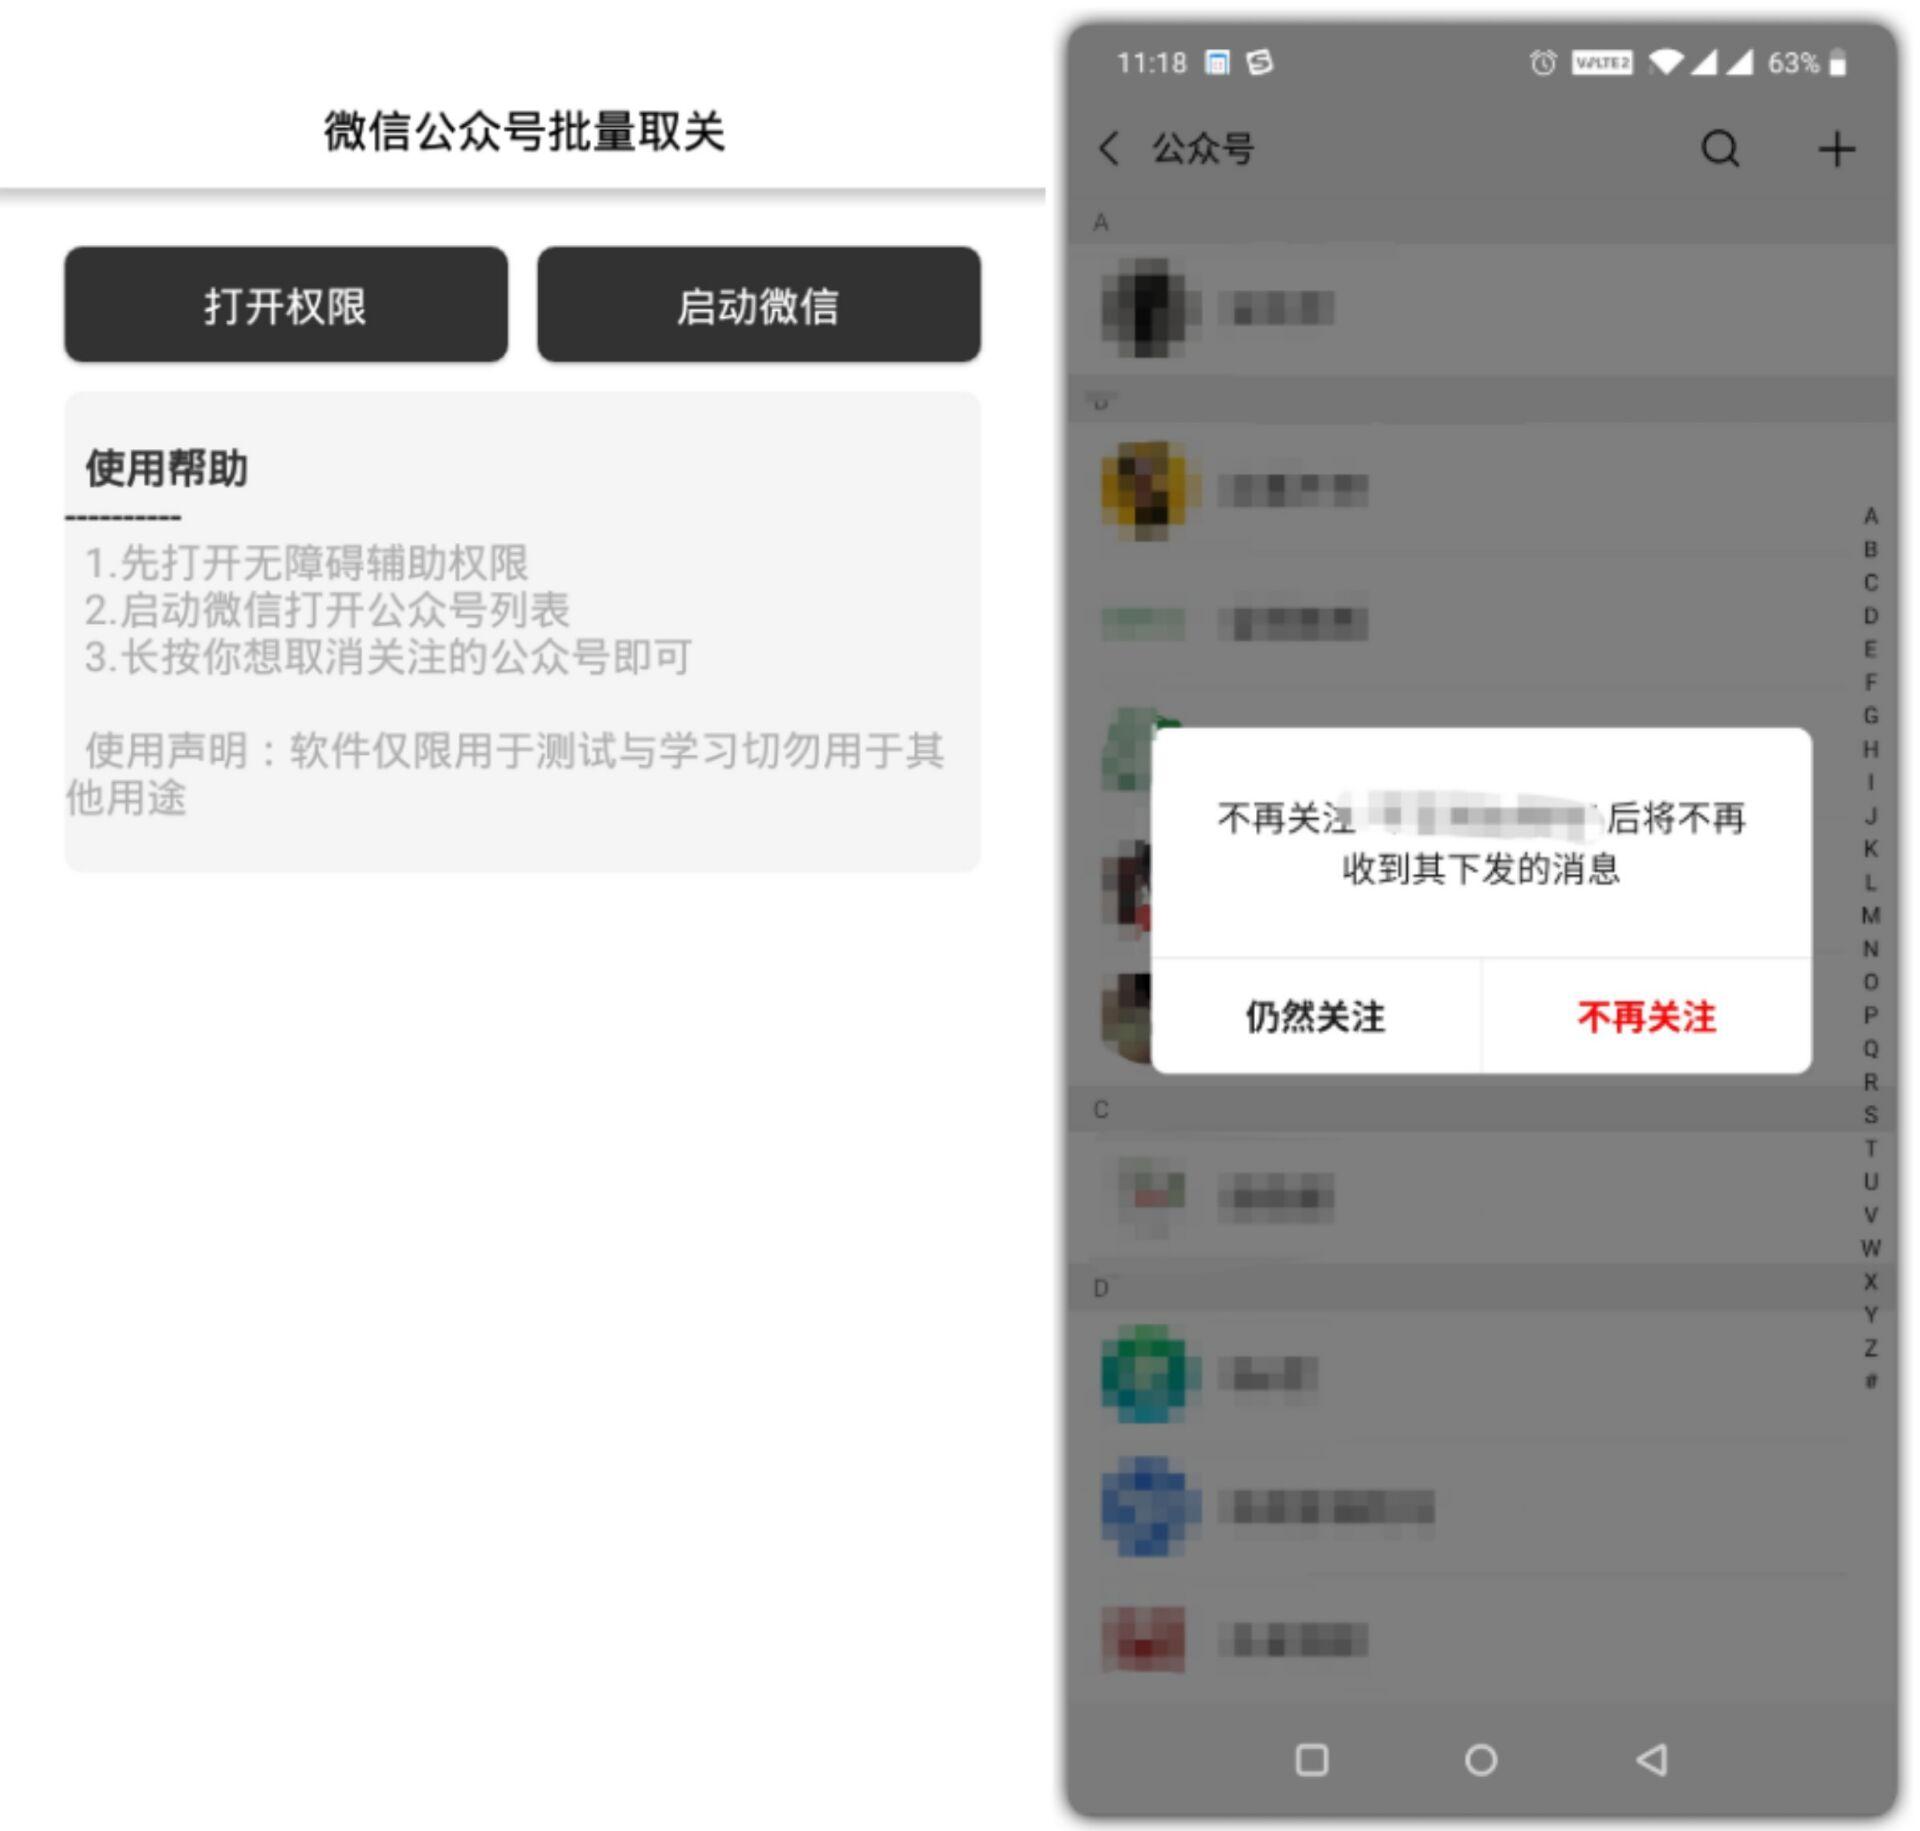 安卓软件:微信公众号、订阅号批量取消关注小工具 纯净无广告版